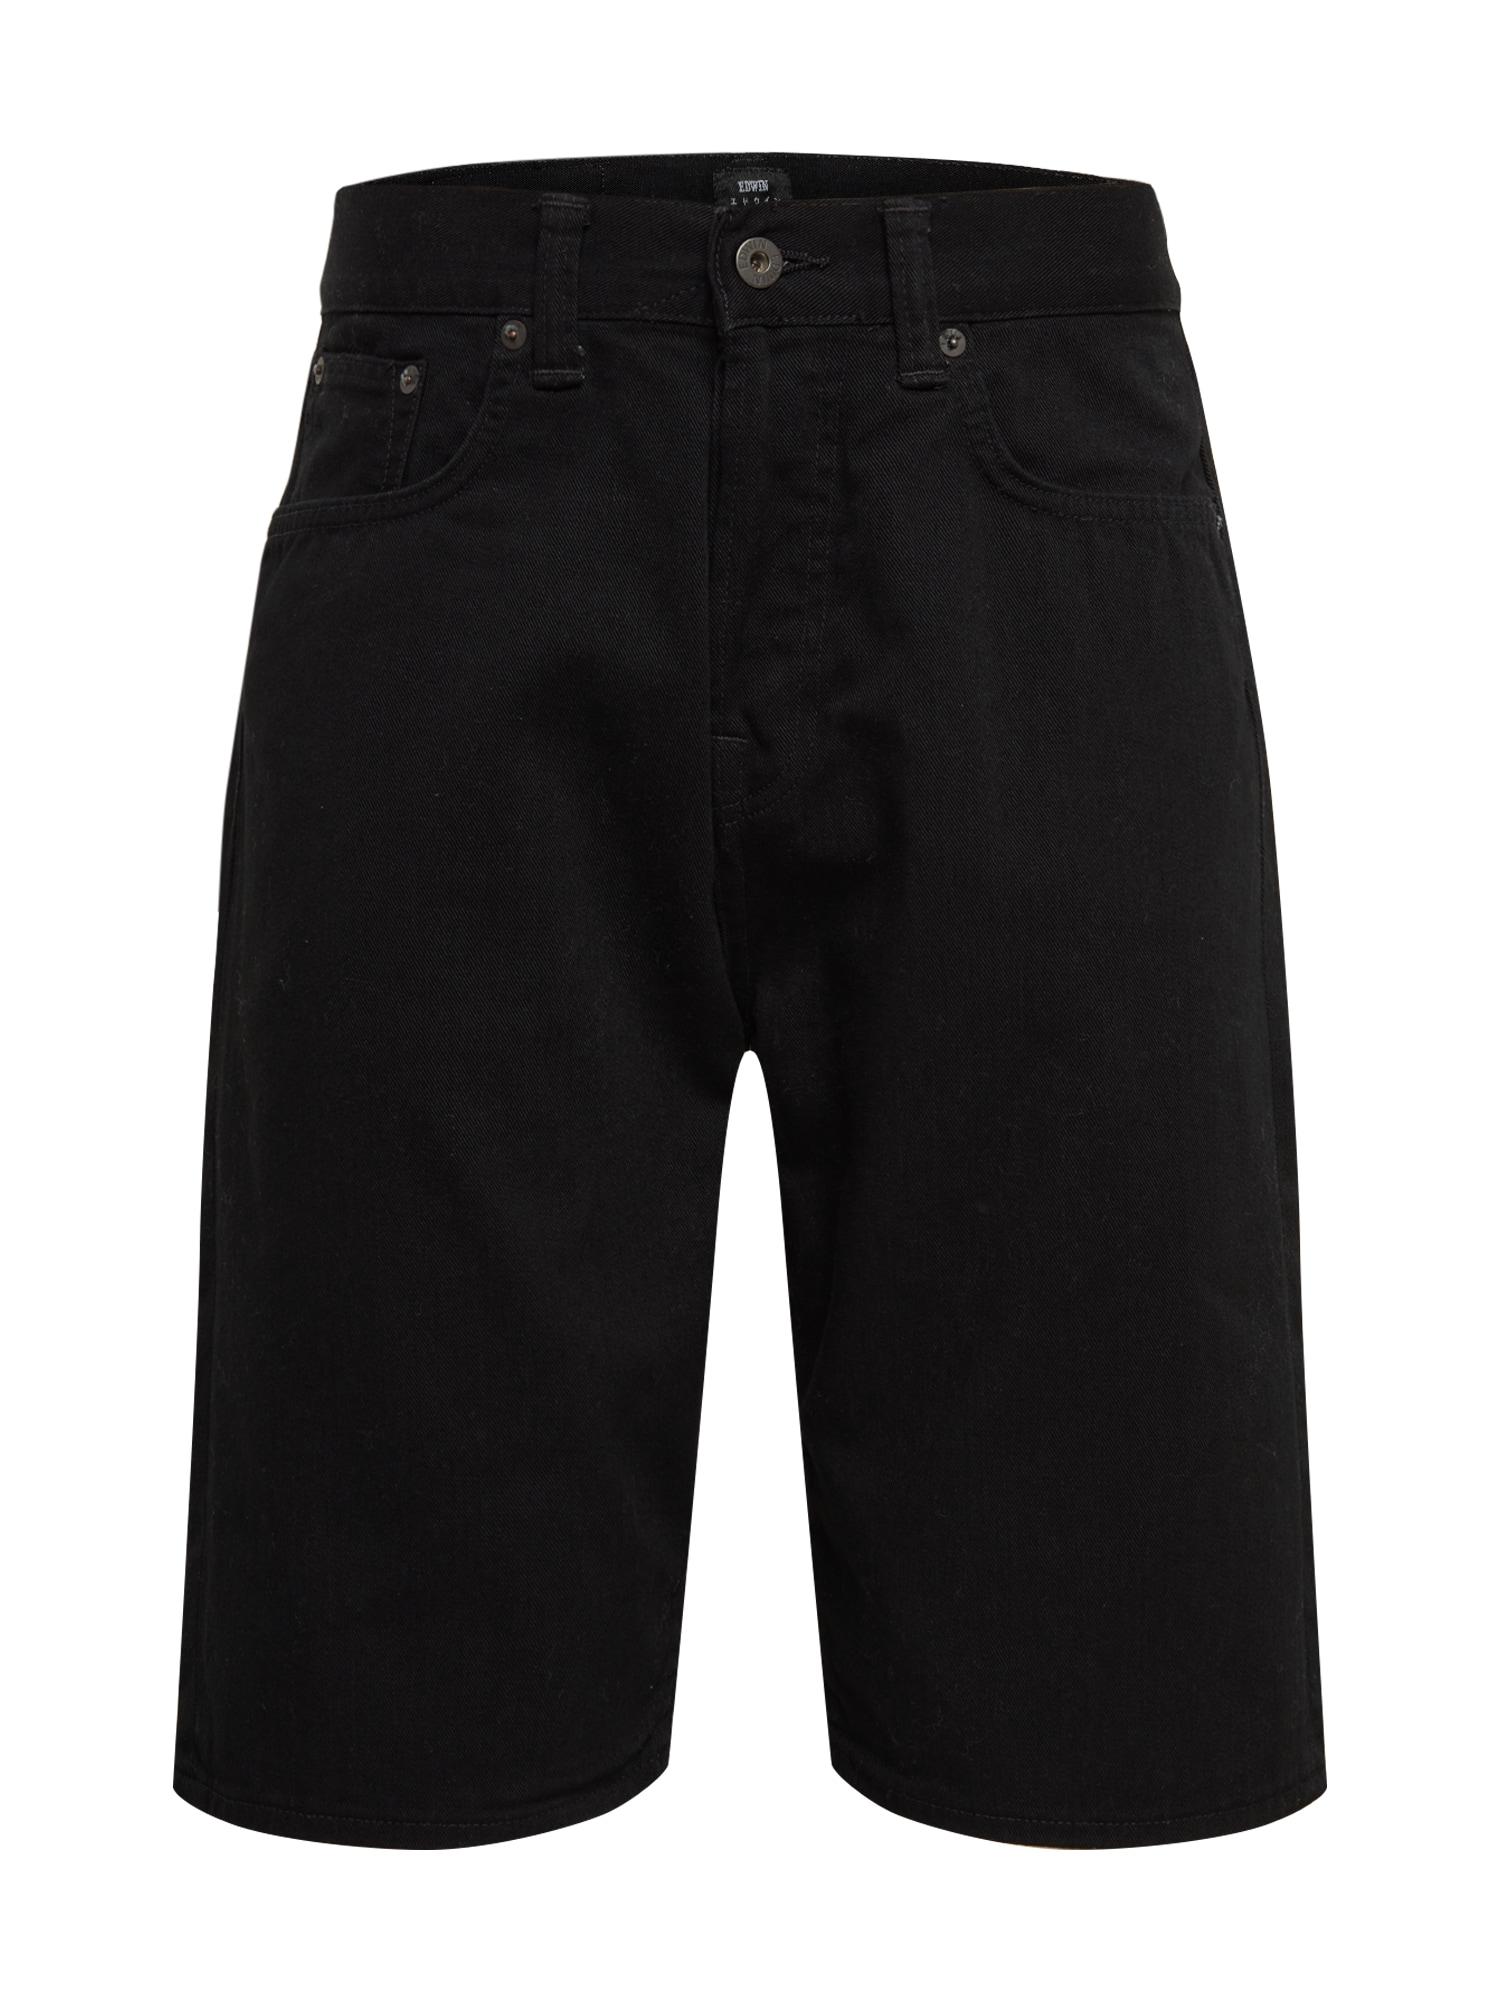 EDWIN Džinsai 'ED-45 Short' juodo džinso spalva